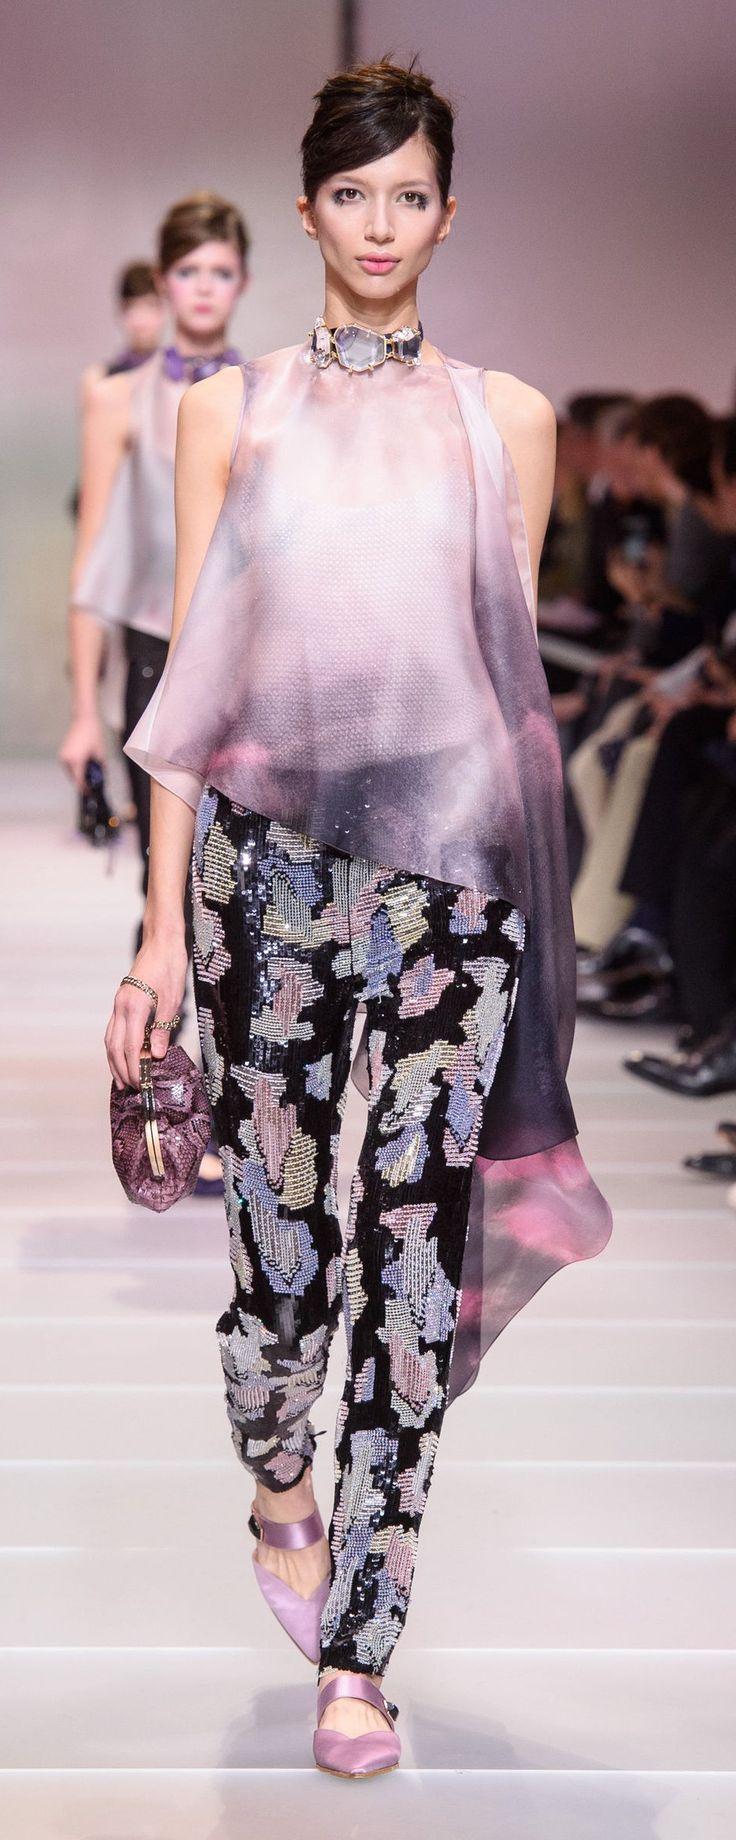 Giorgio Armani Privé Spring-summer 2018 - Couture - http://www.orientpalms.com/Giorgio-Armani-Prive-7026 - ©ImaxTree